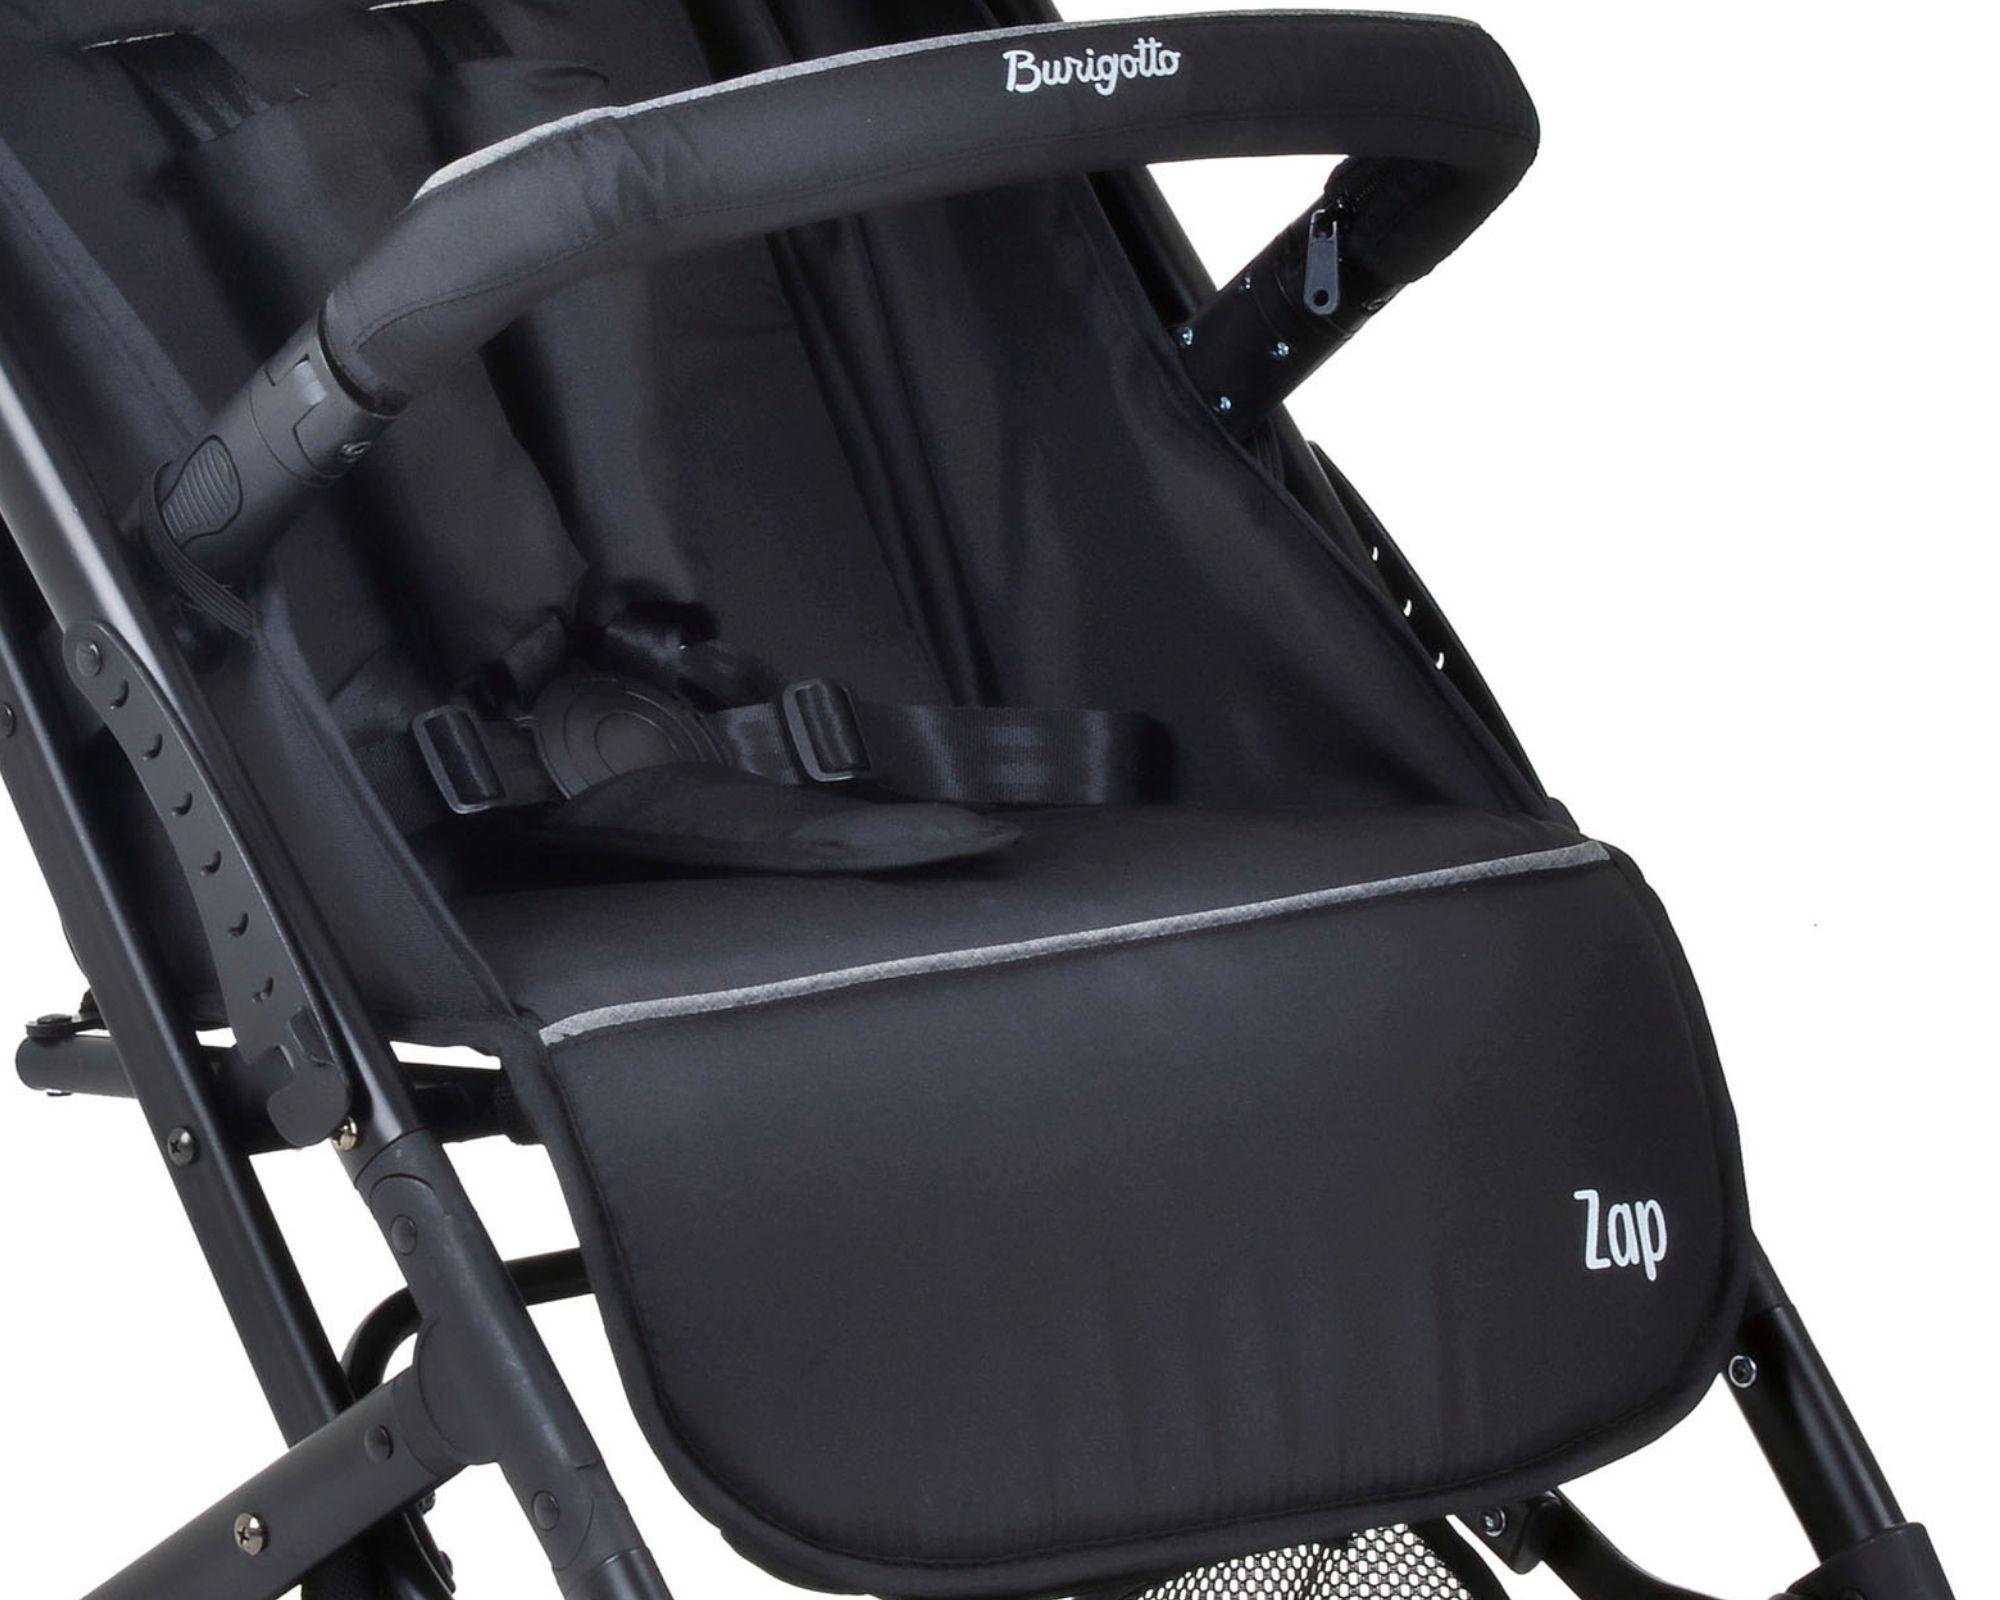 Carrinho de Bebê Burigotto Zap Preto